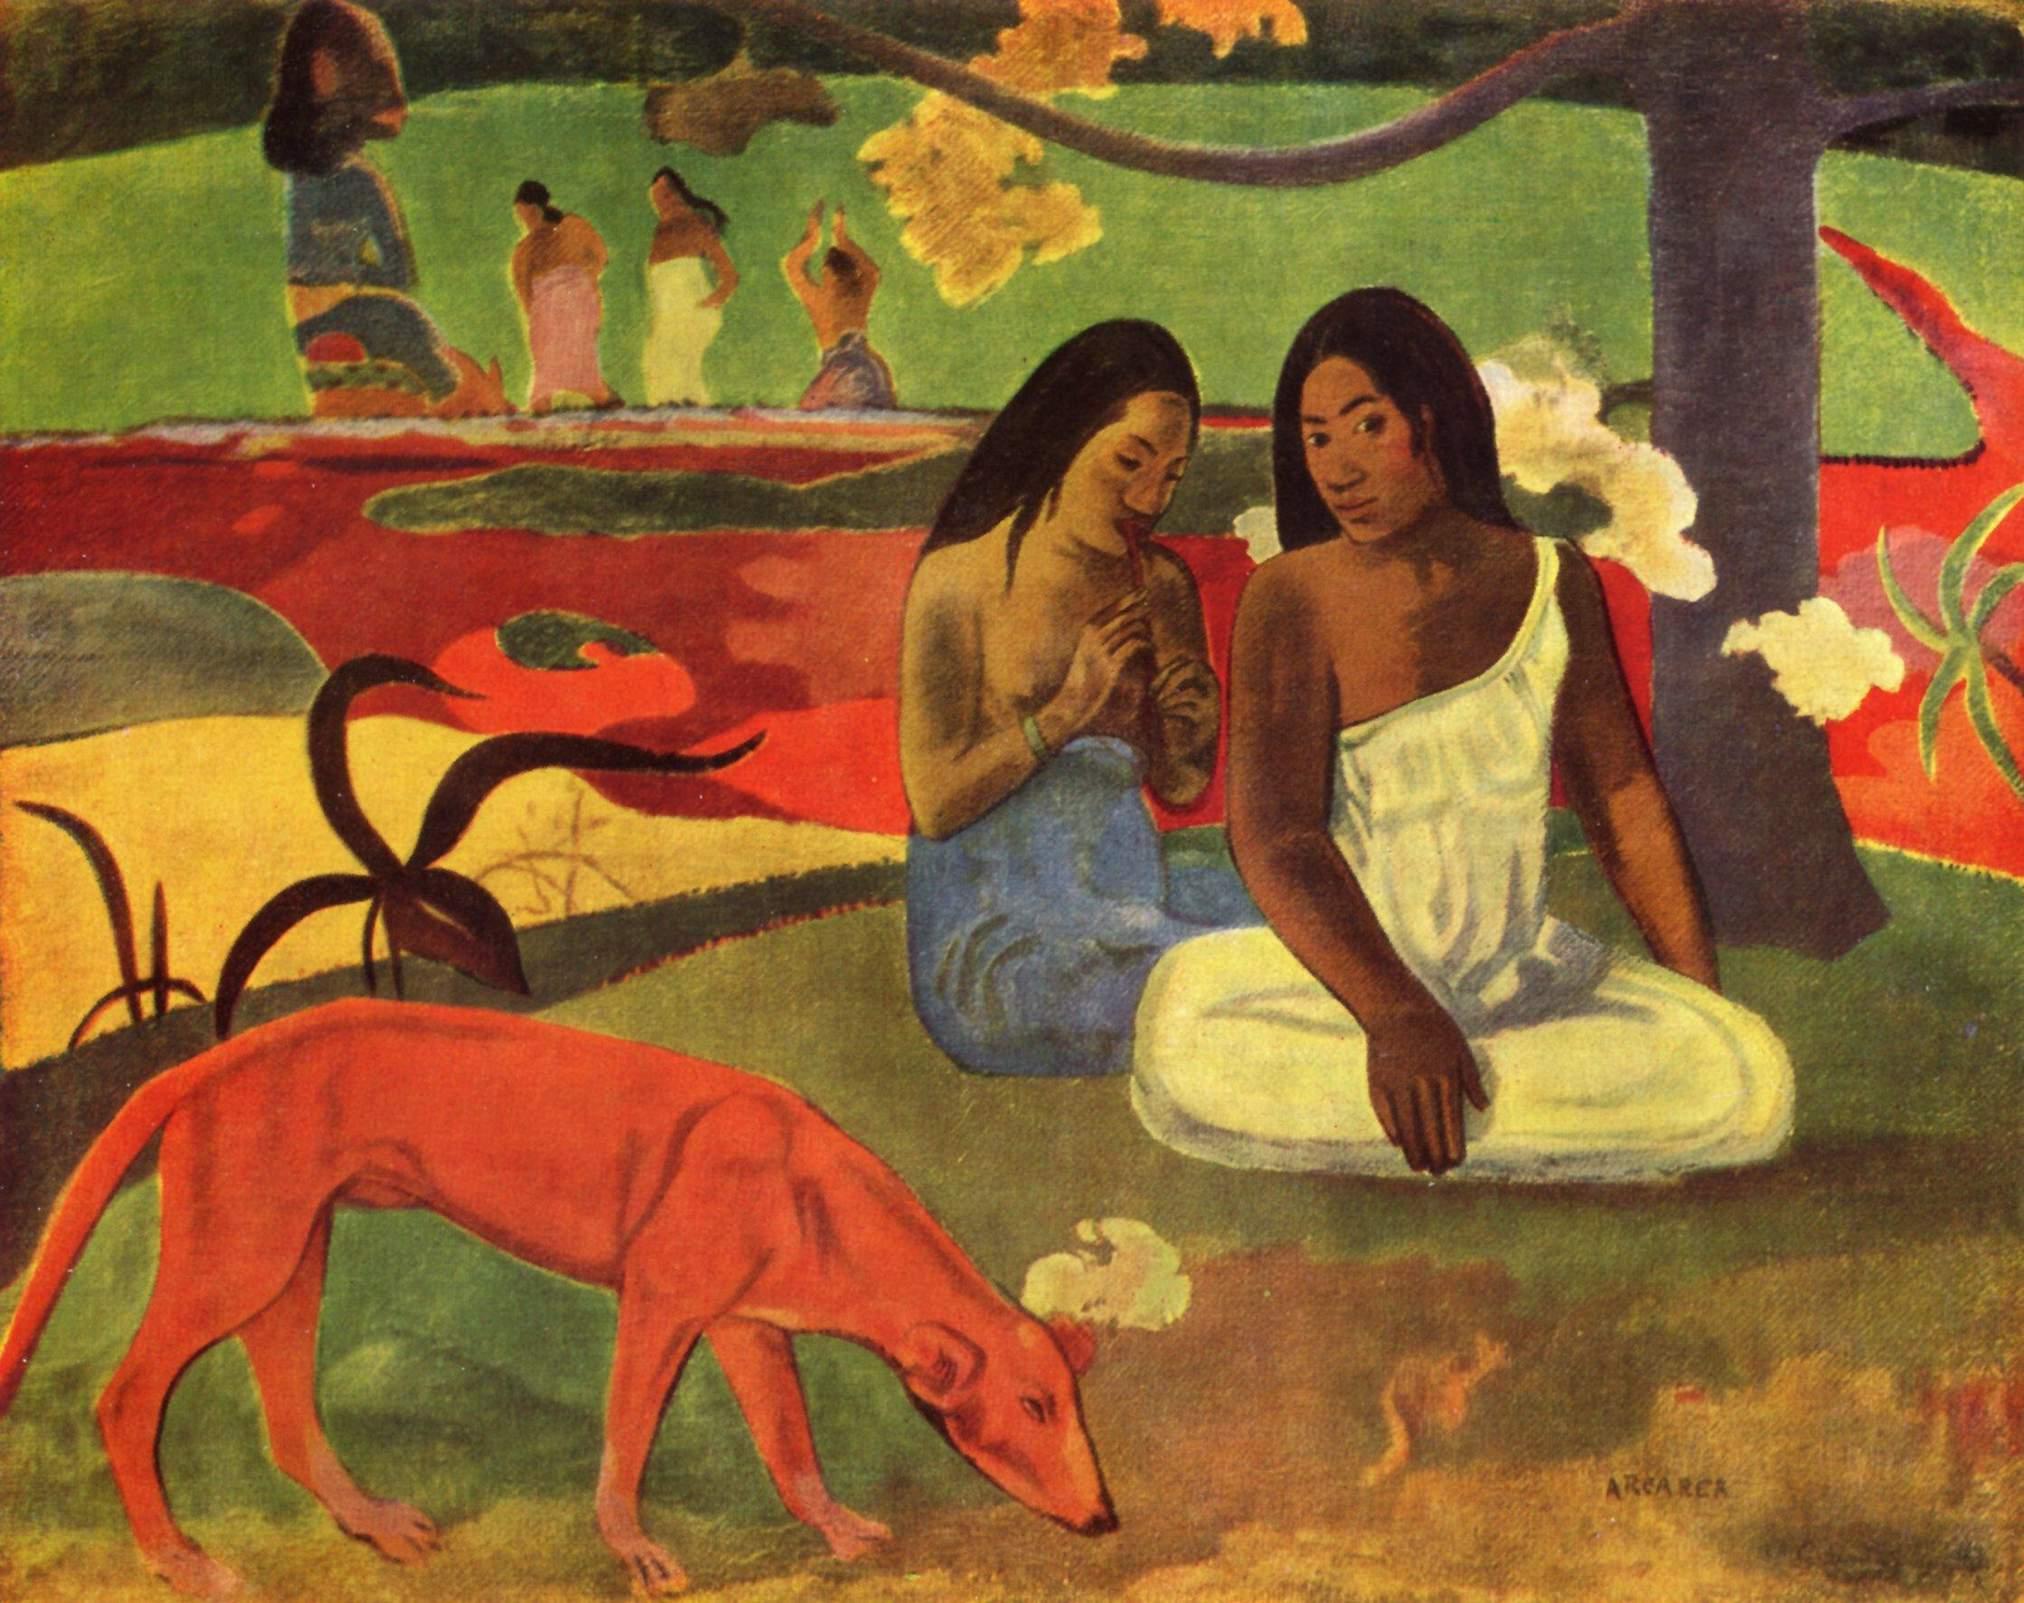 Arearea - Paul Gauguin, 1892